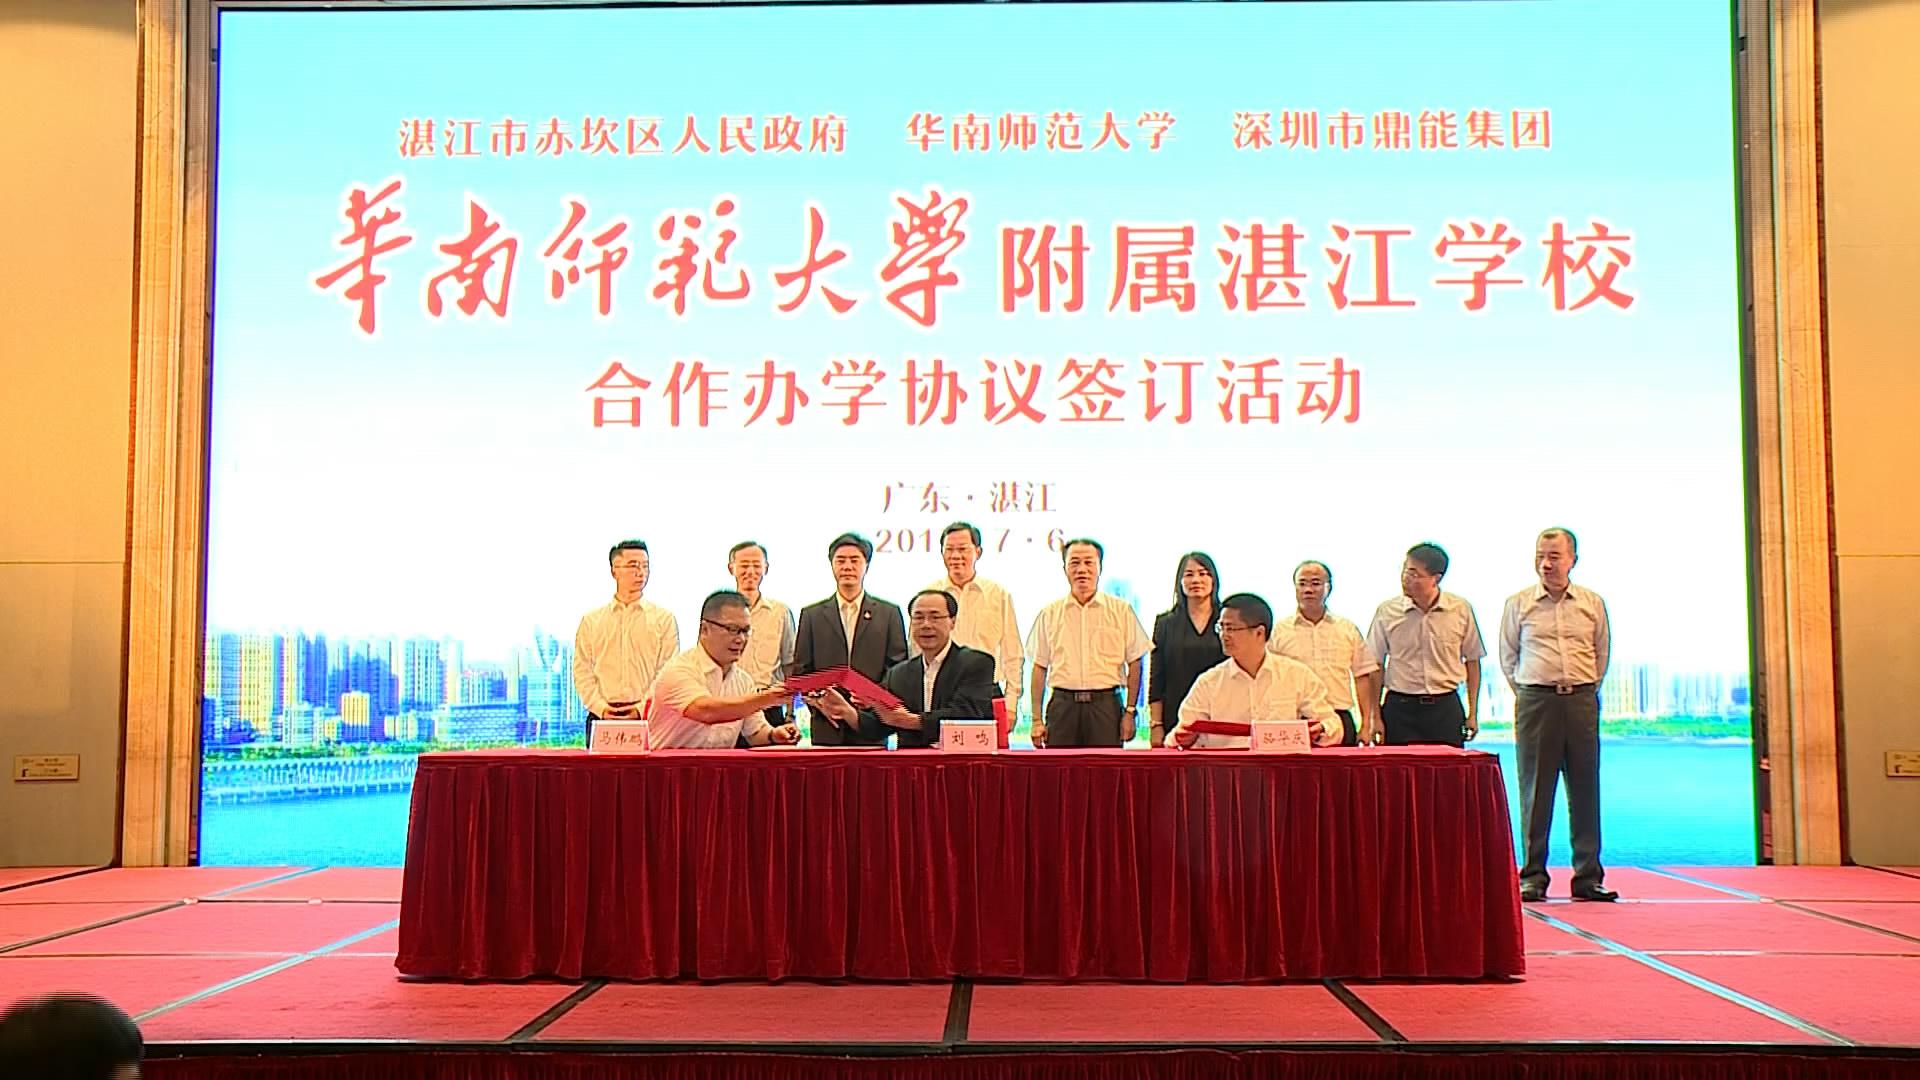 华南师范大学联合政府、企业在湛江办学